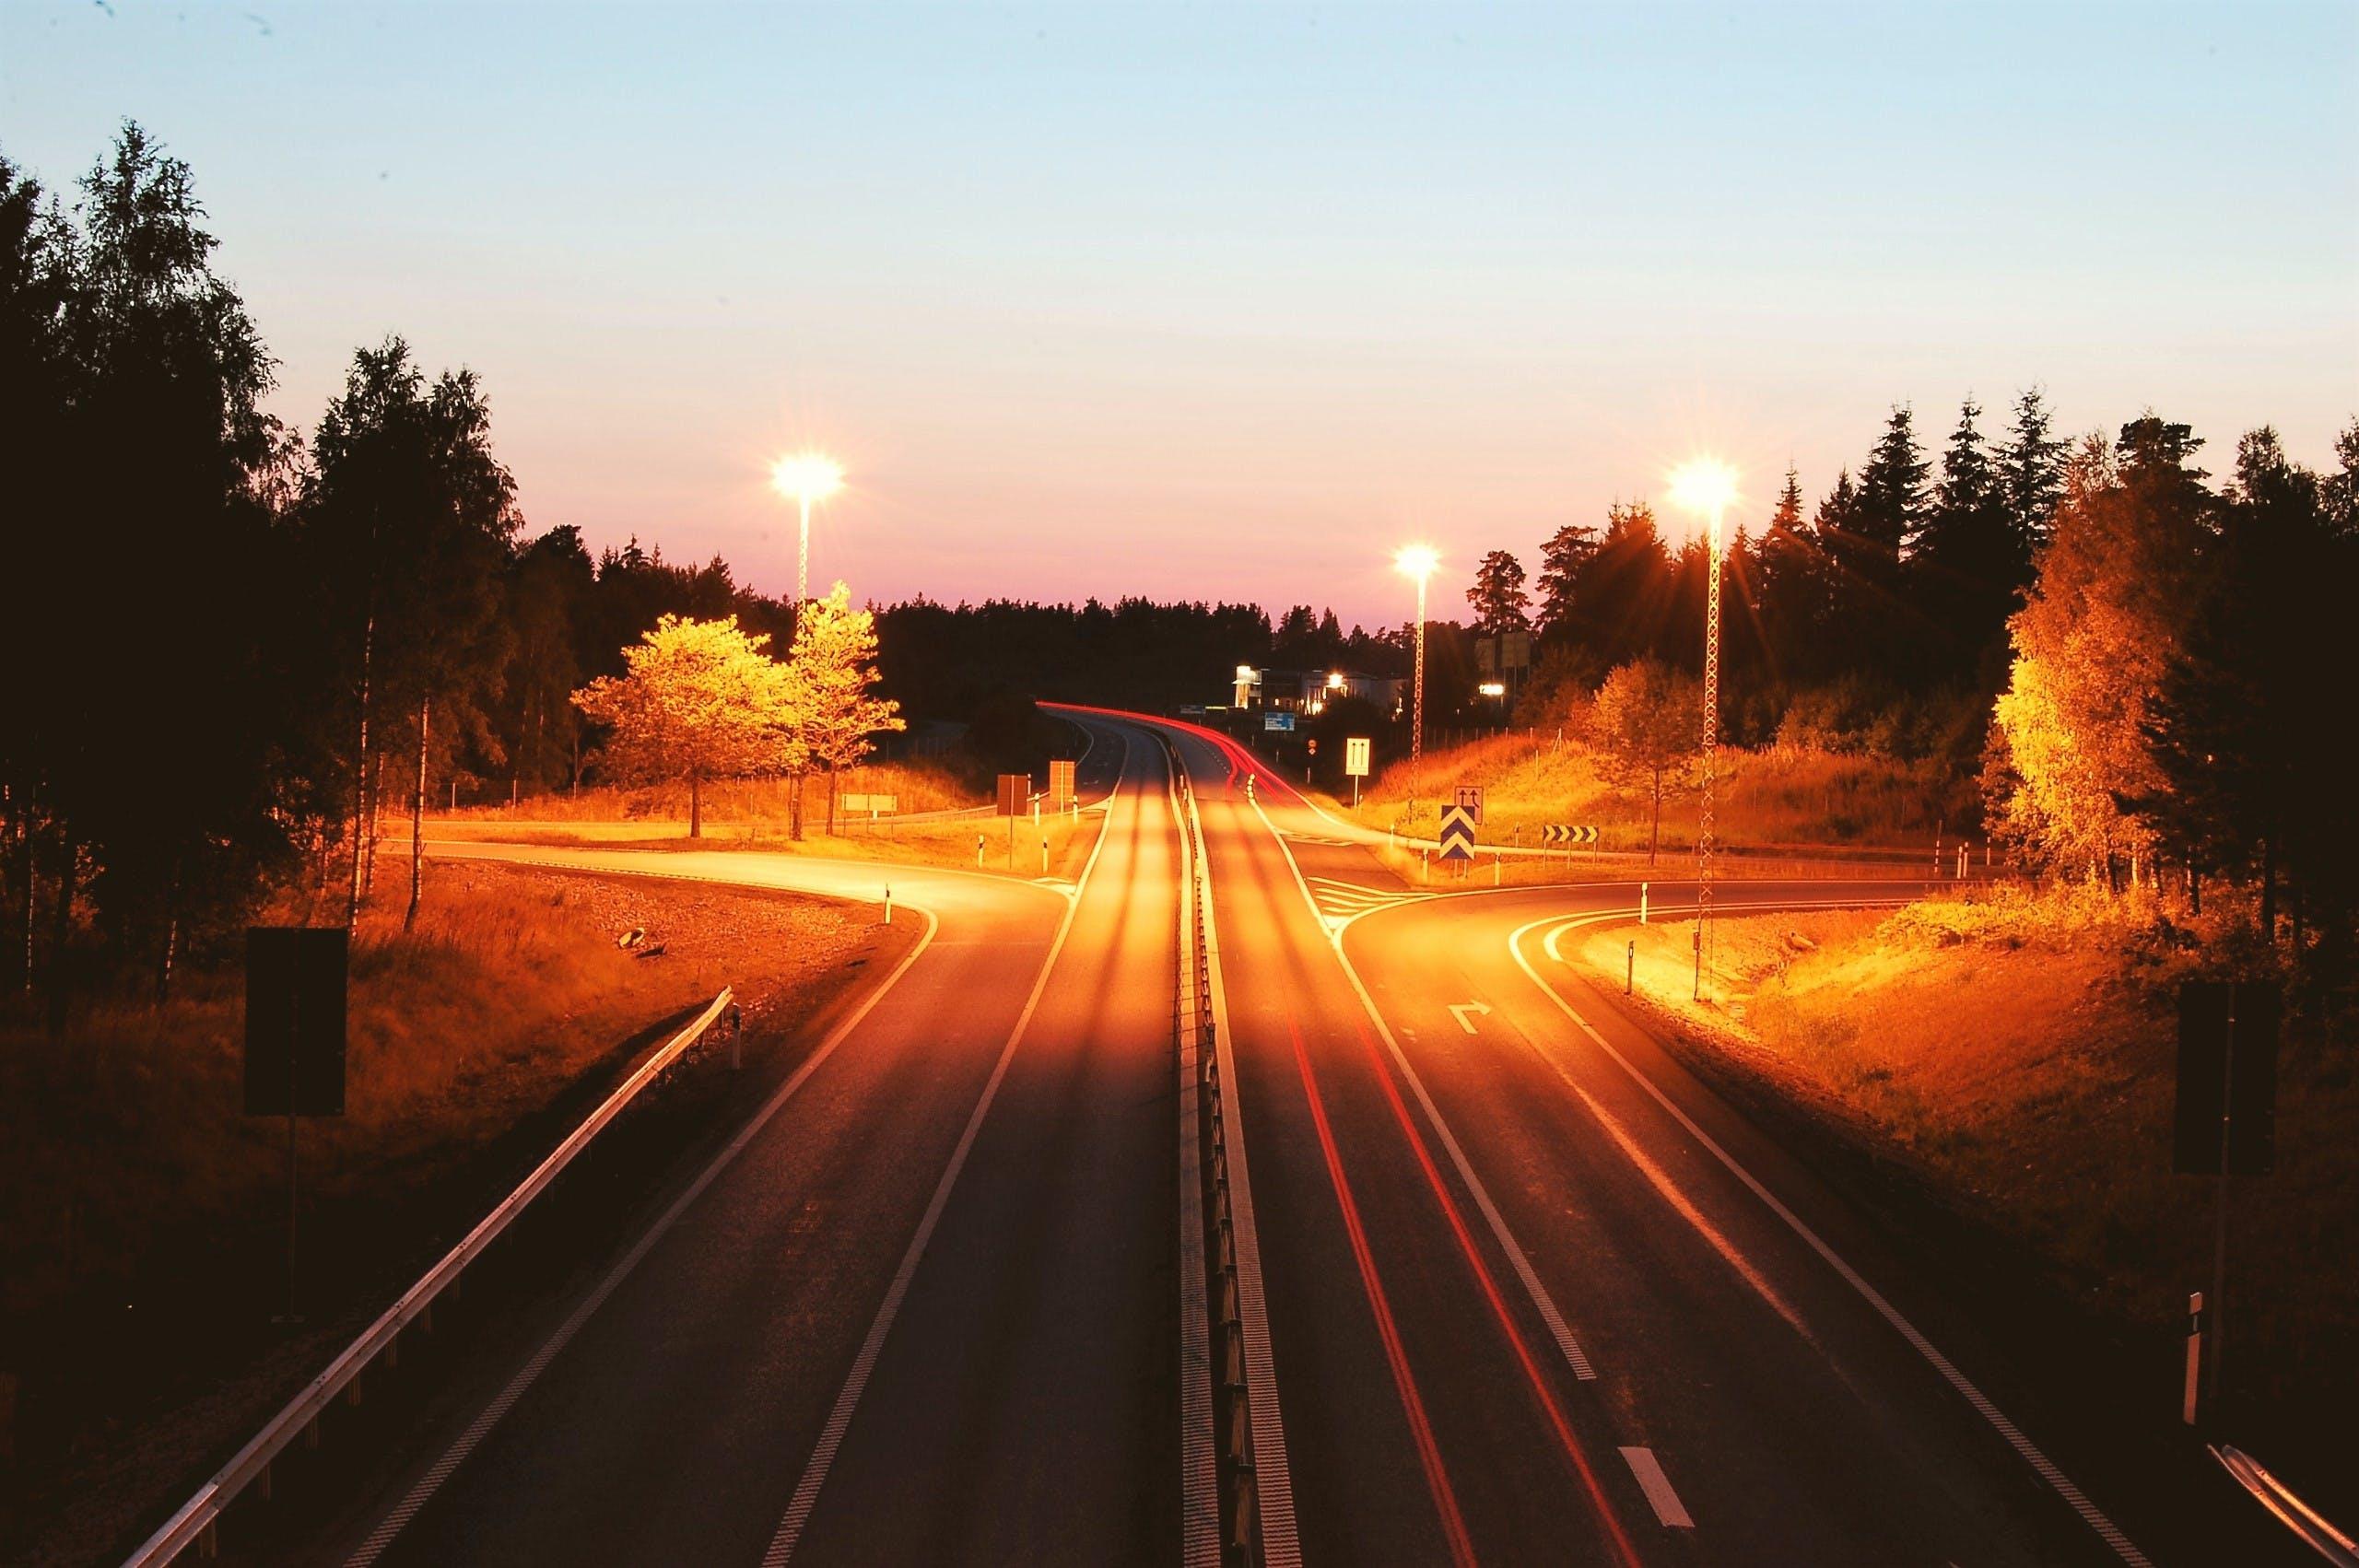 Základová fotografie zdarma na téma asfalt, dopravní systém, noc, osvětlený